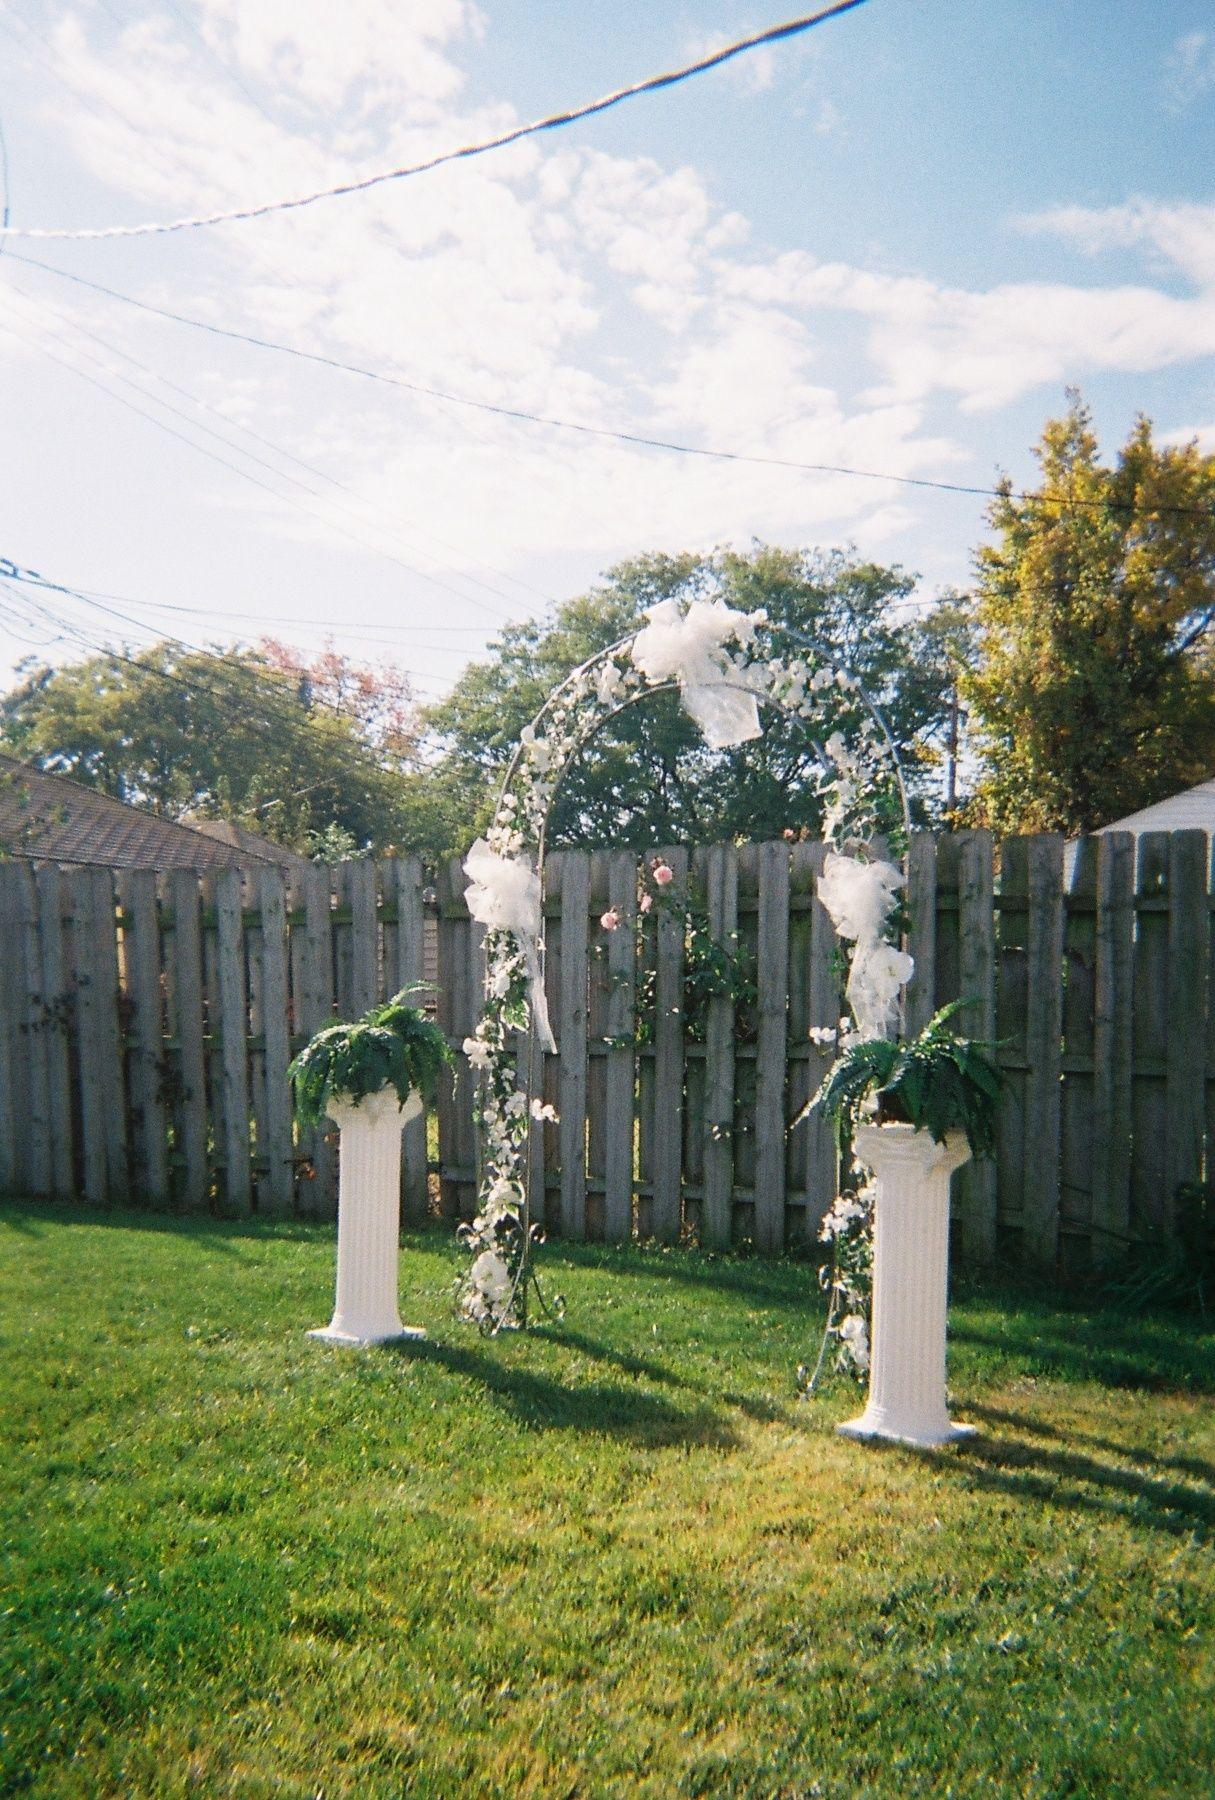 wedding ideas on a budget backyard wedding ideas on a budget